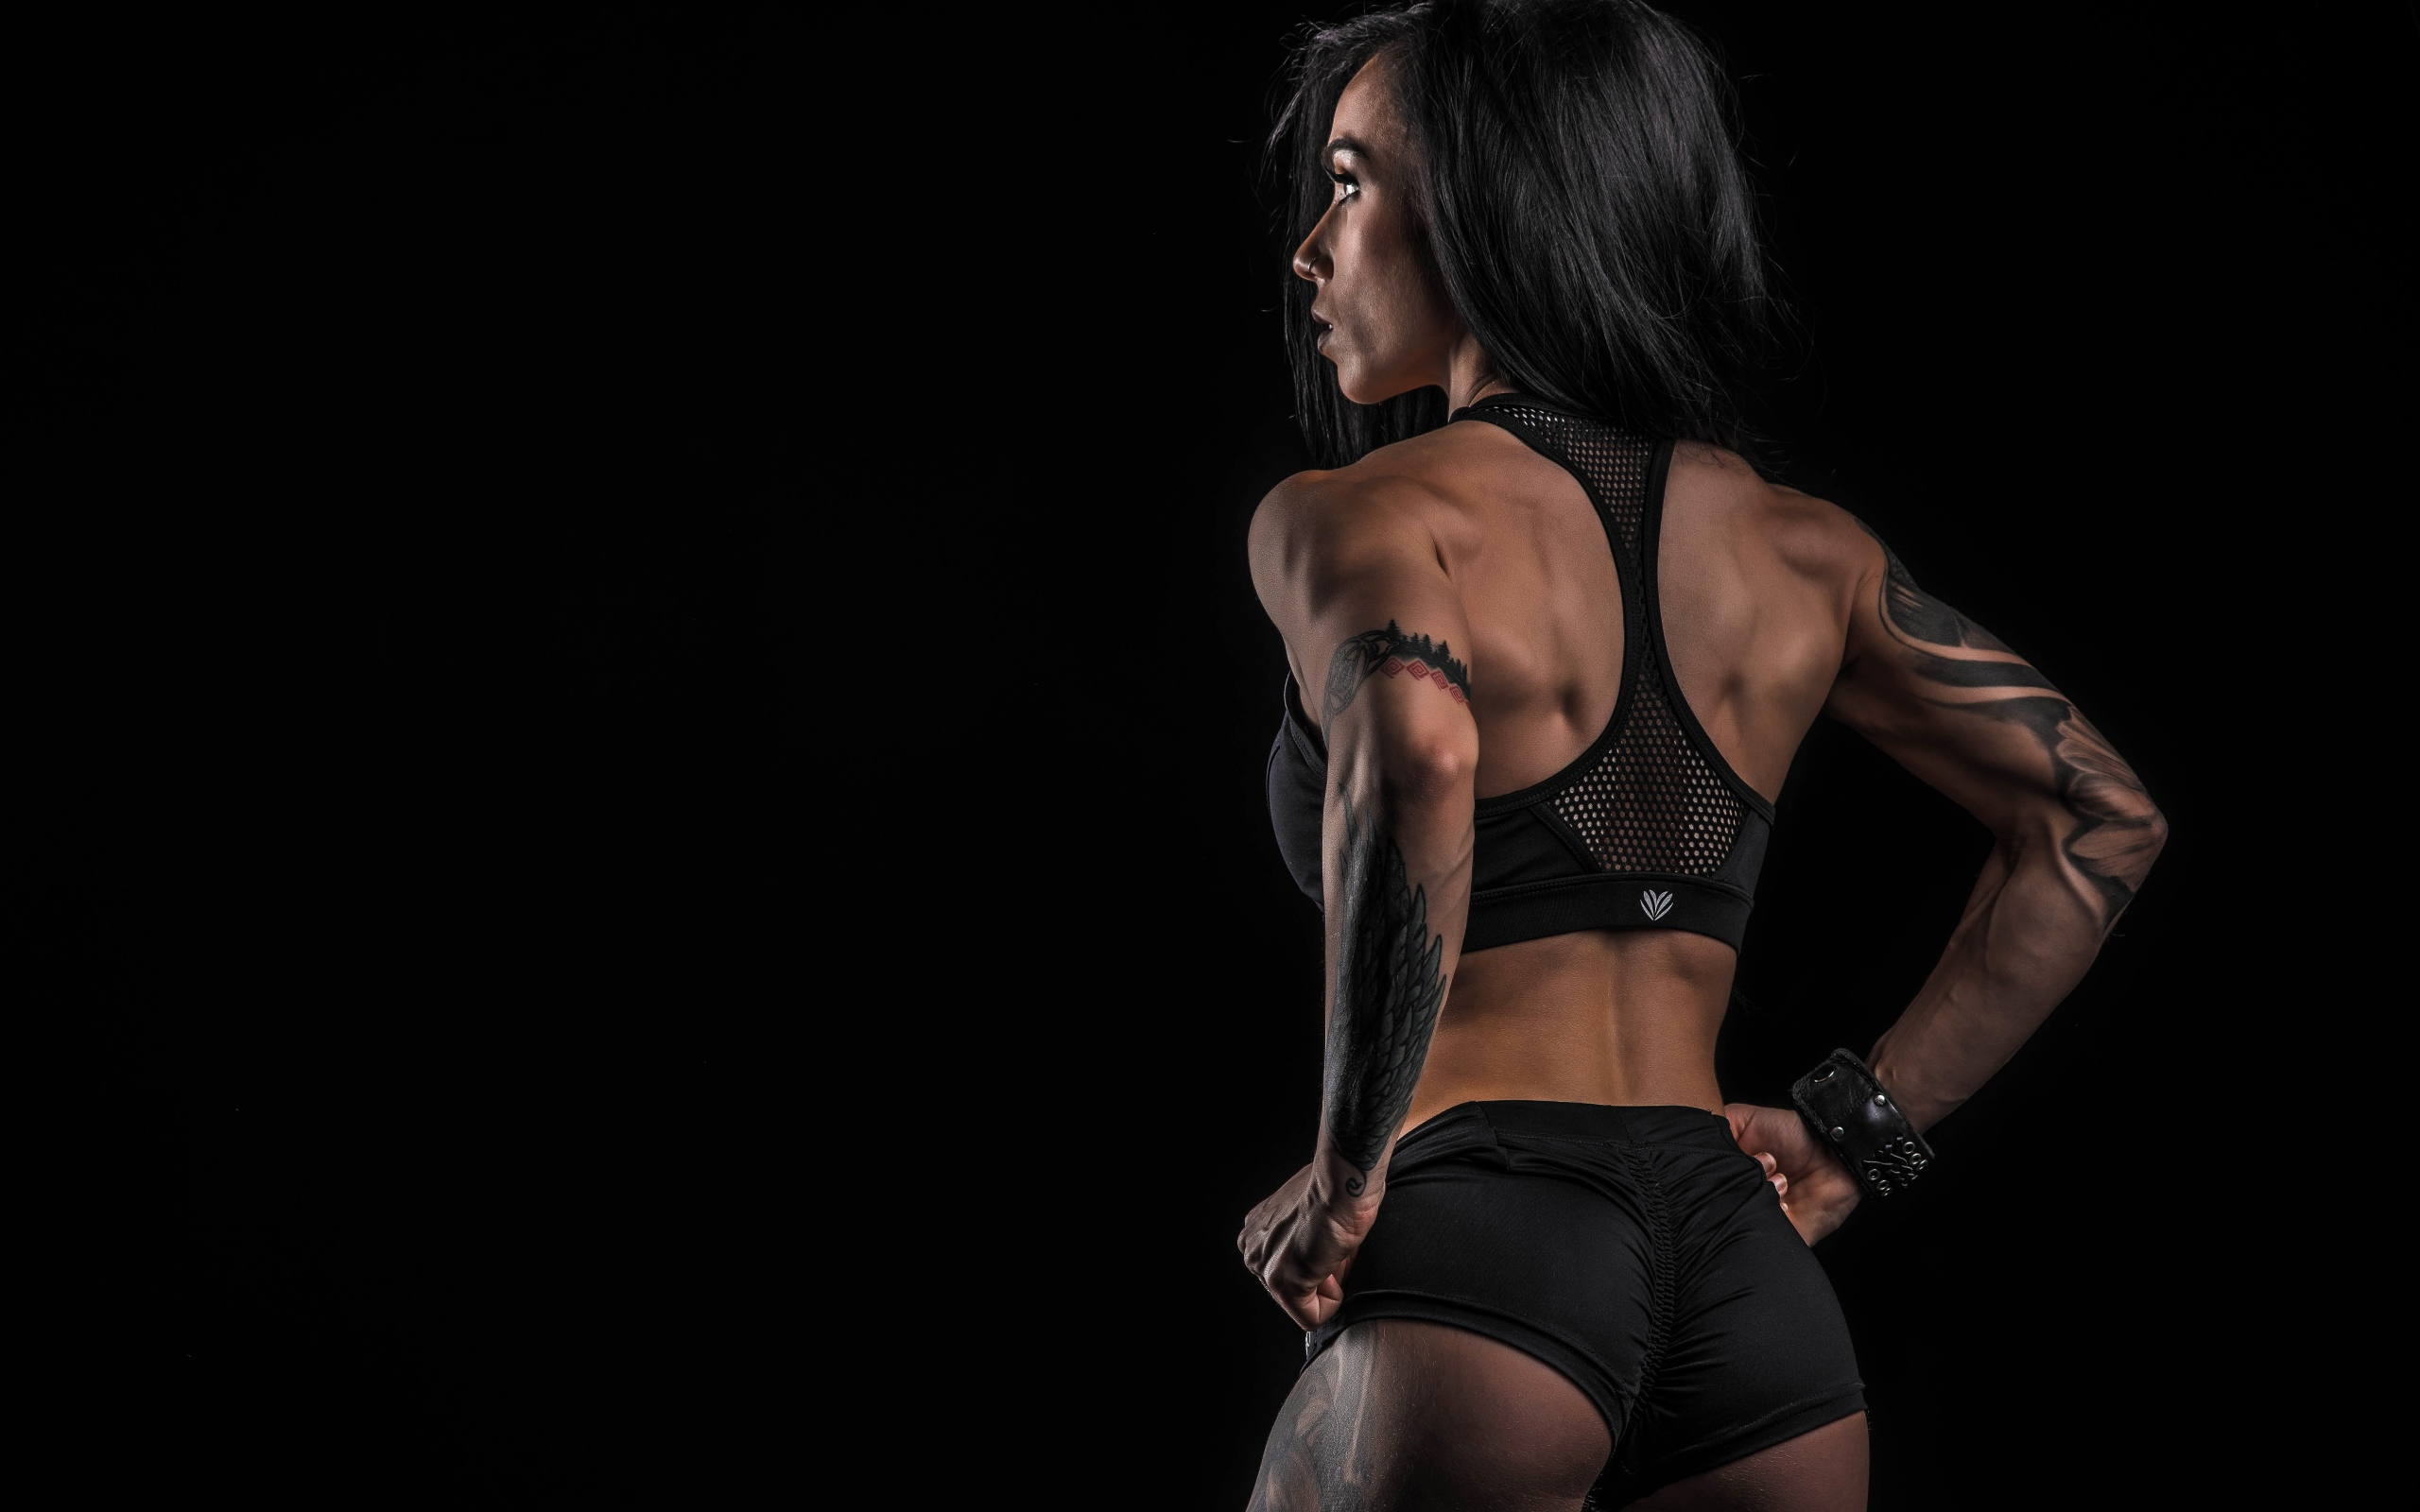 HDoboi.Kiev.ua - Спортивная девушка брюнетка с татуировками, черный фон, фитнес герл